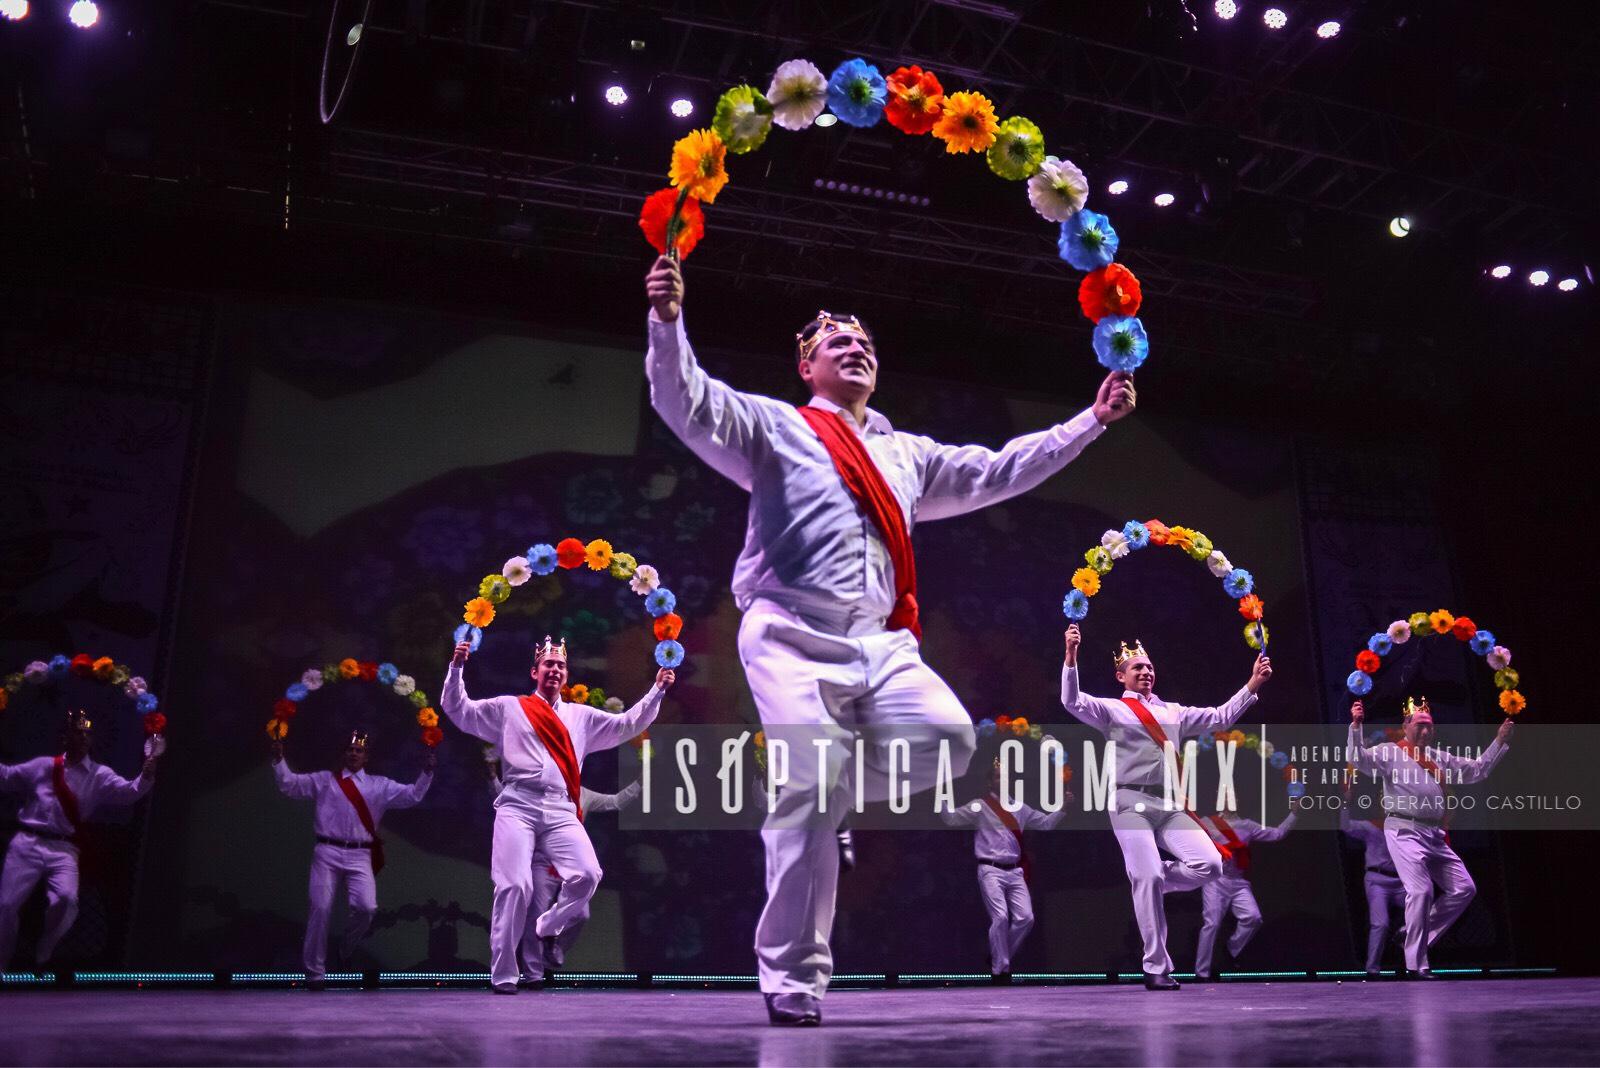 Ballet_FolcloricoEdoMex_Foto-GerardoCastillo-ISOPTICA_IMG_2655